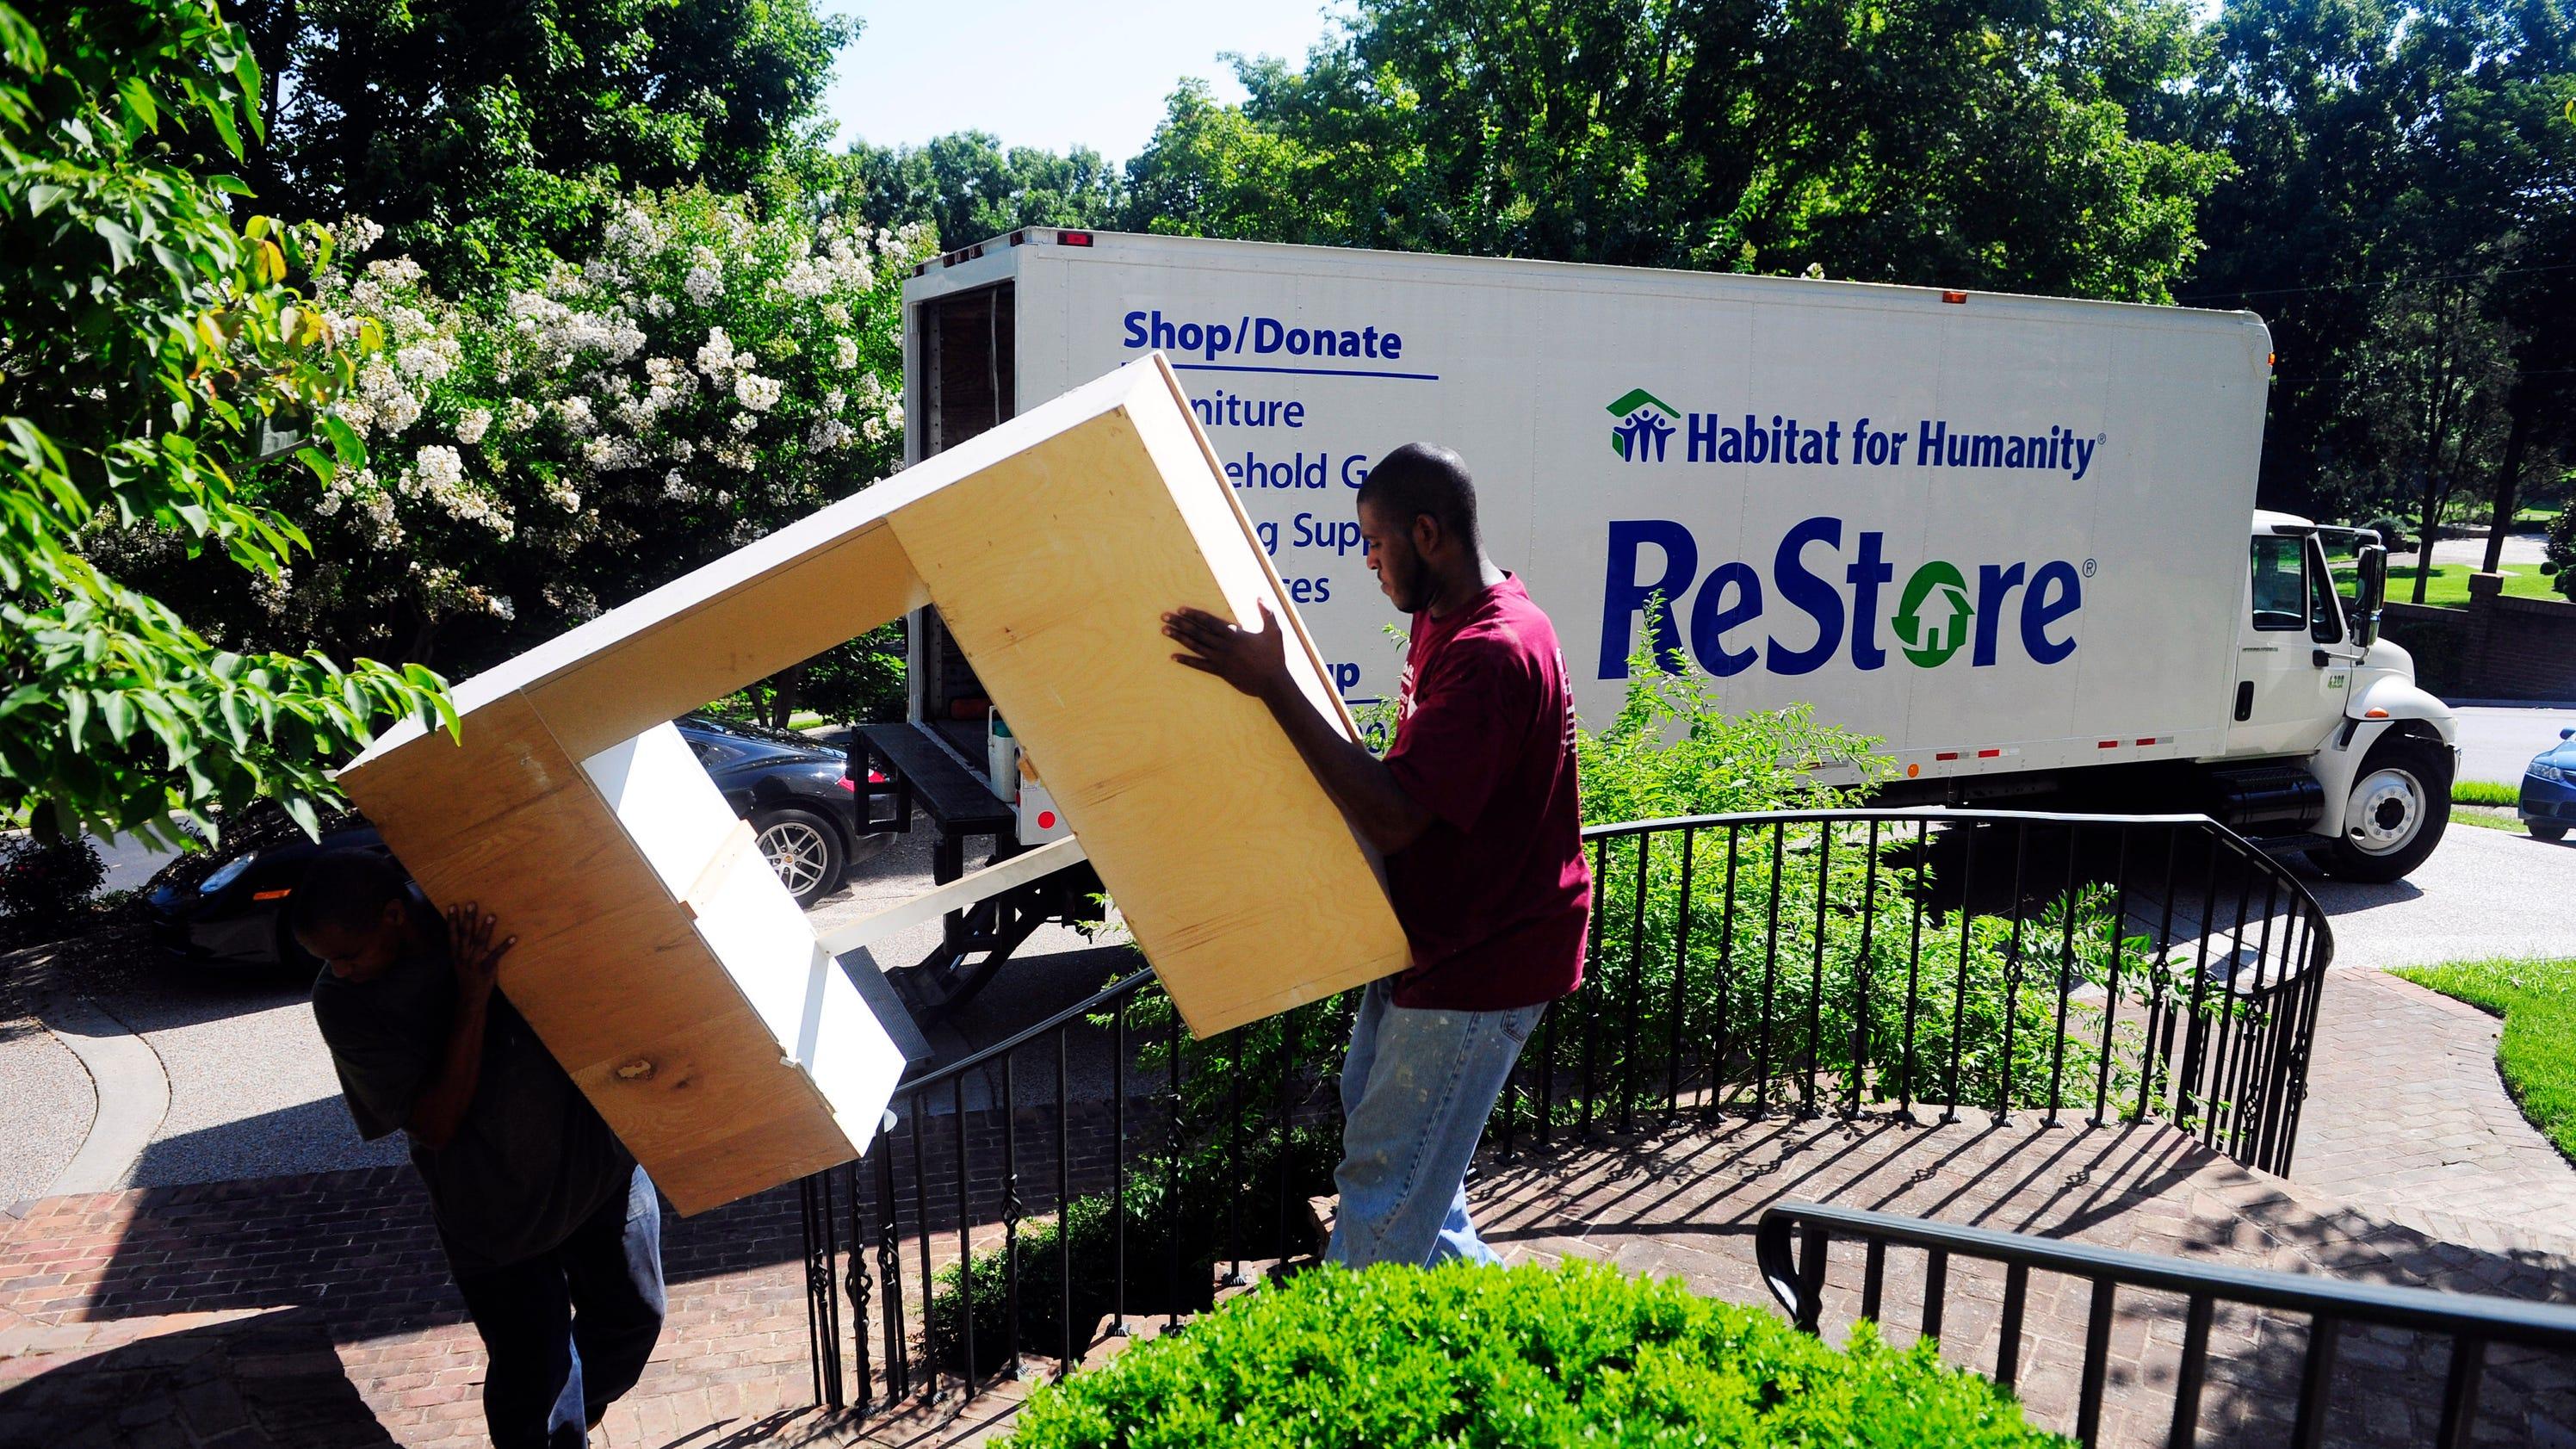 Many organizations offer pick up service in Nashville